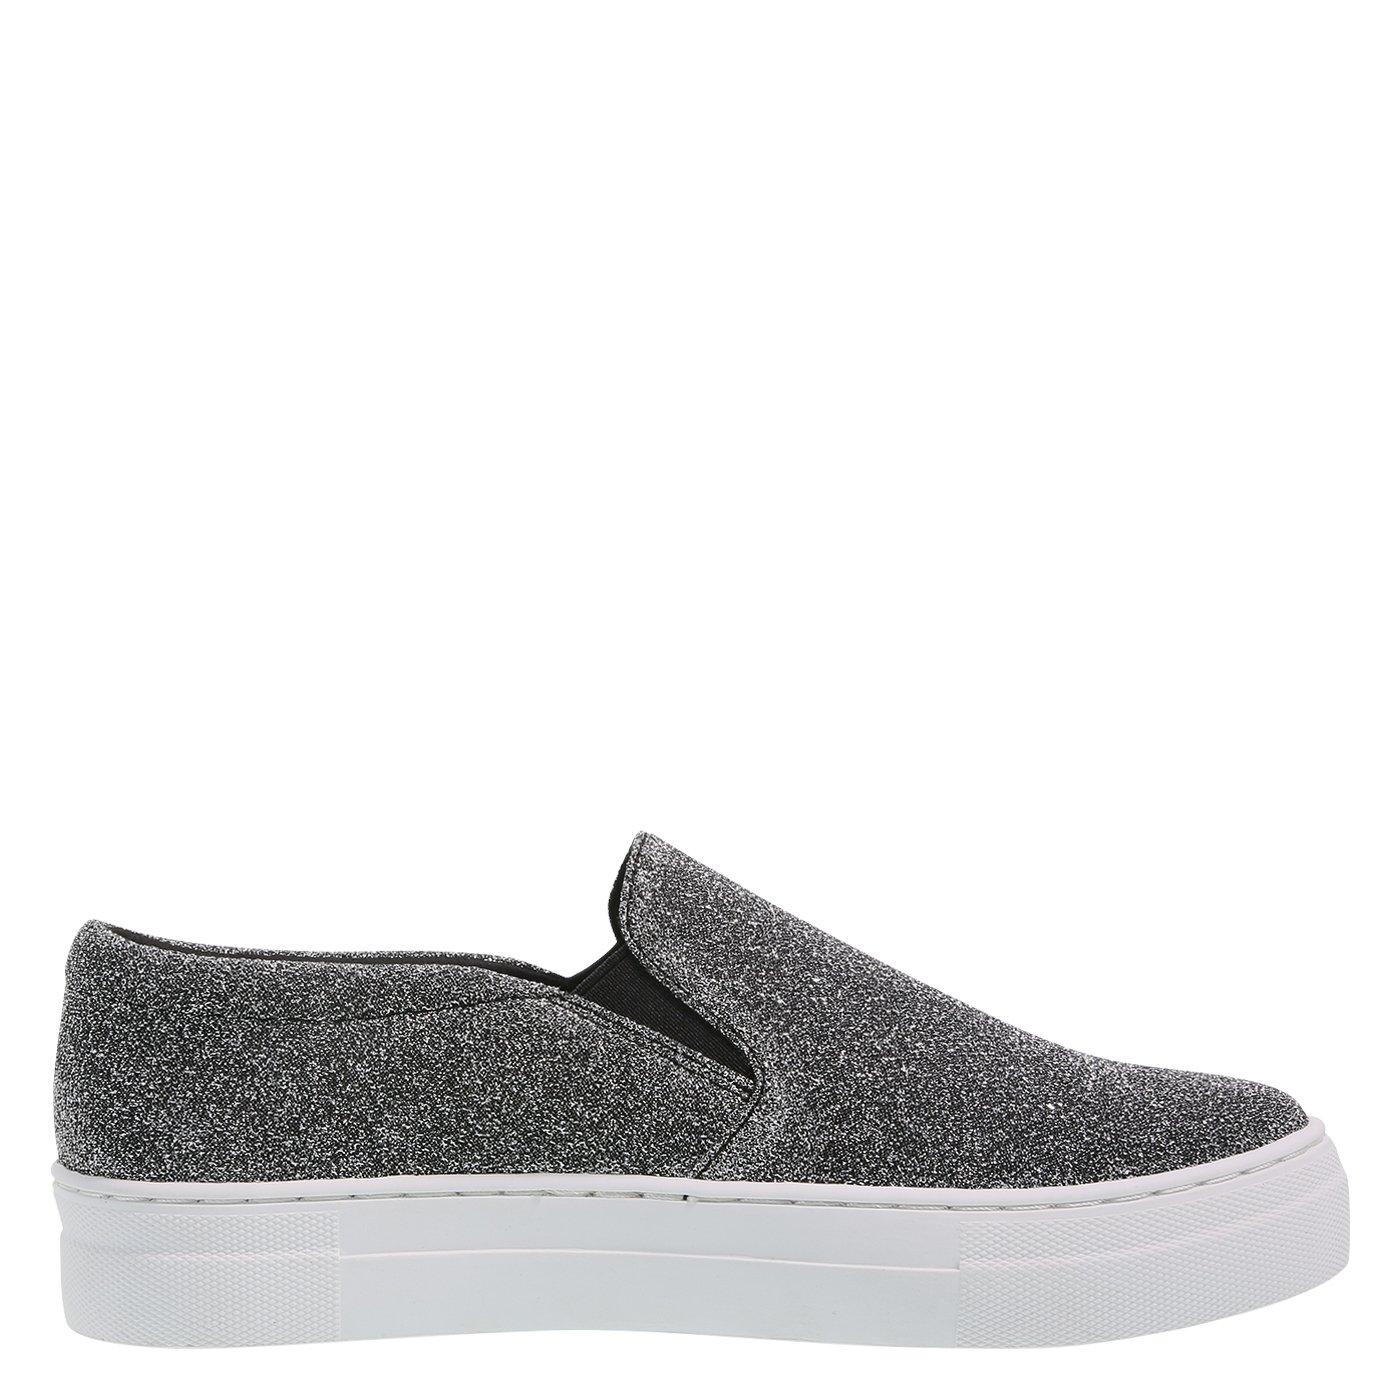 Brash Women's Evonne Slip-On Sneaker B07CHS9T1J 6 B(M) US|Silver Lurex